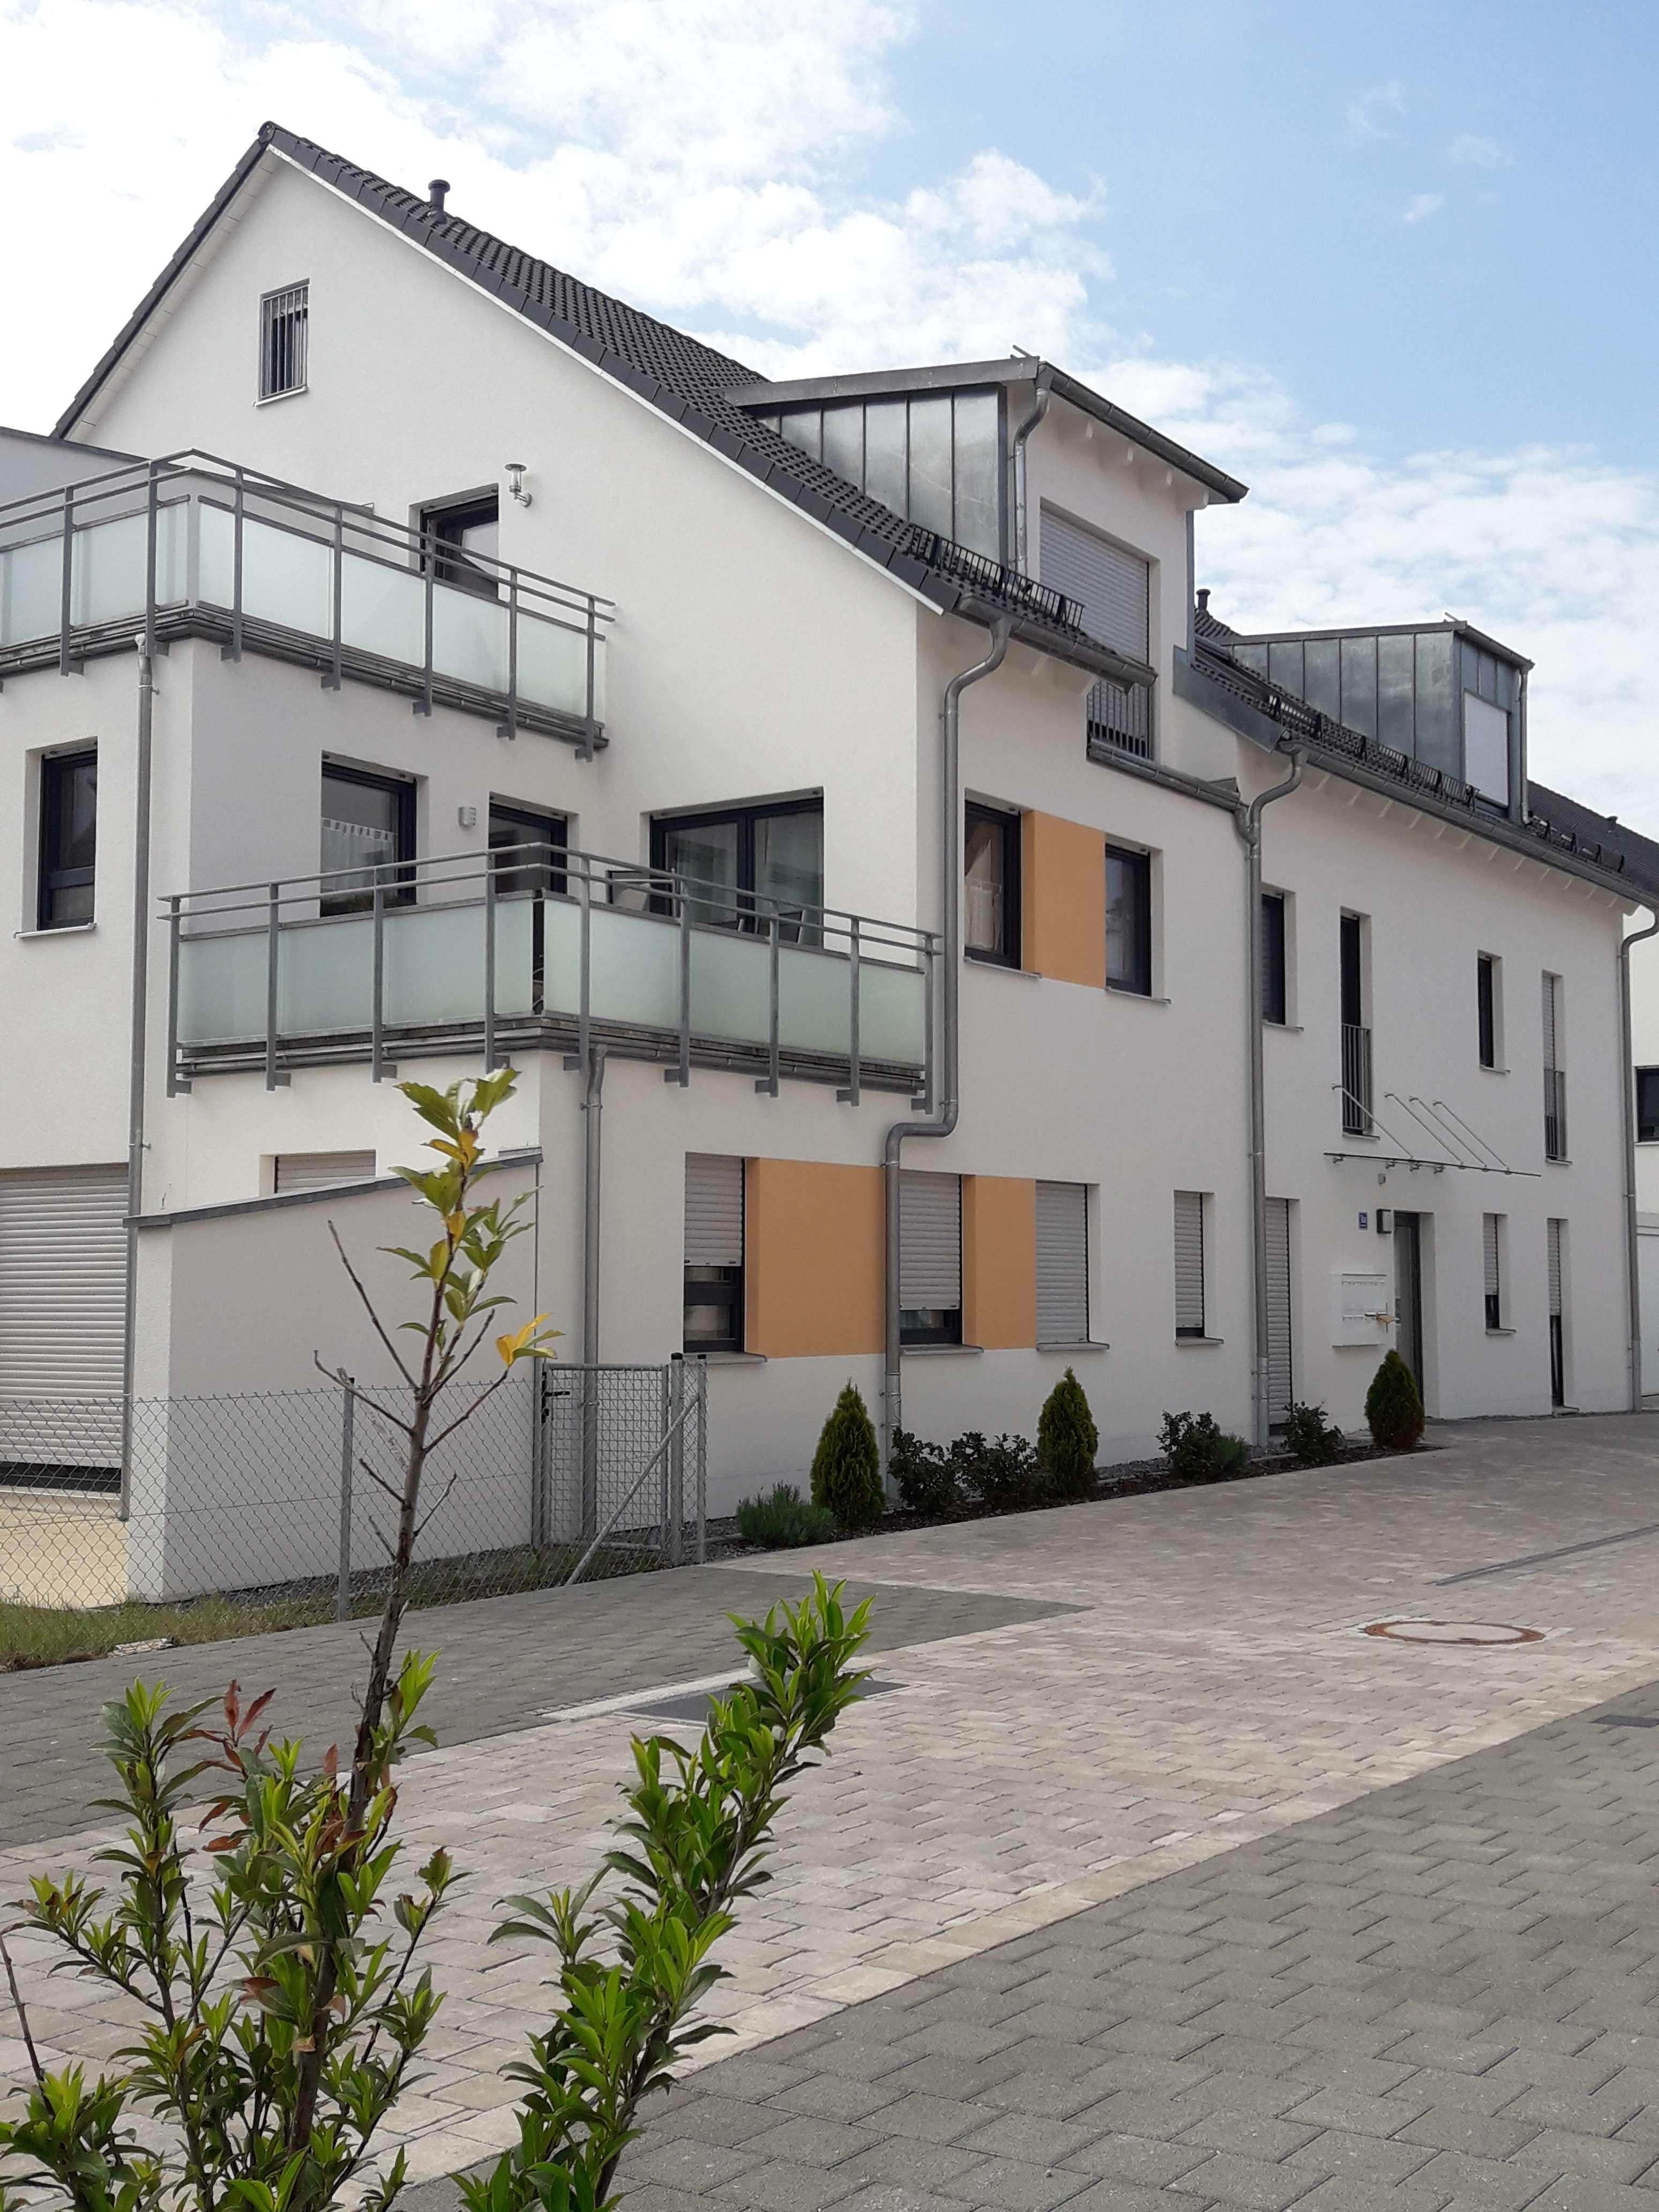 Neuwertige exklusive 3-Zimmerwohnung mit Aufzug, TG-Stellplatz und großem Süd-Balkon